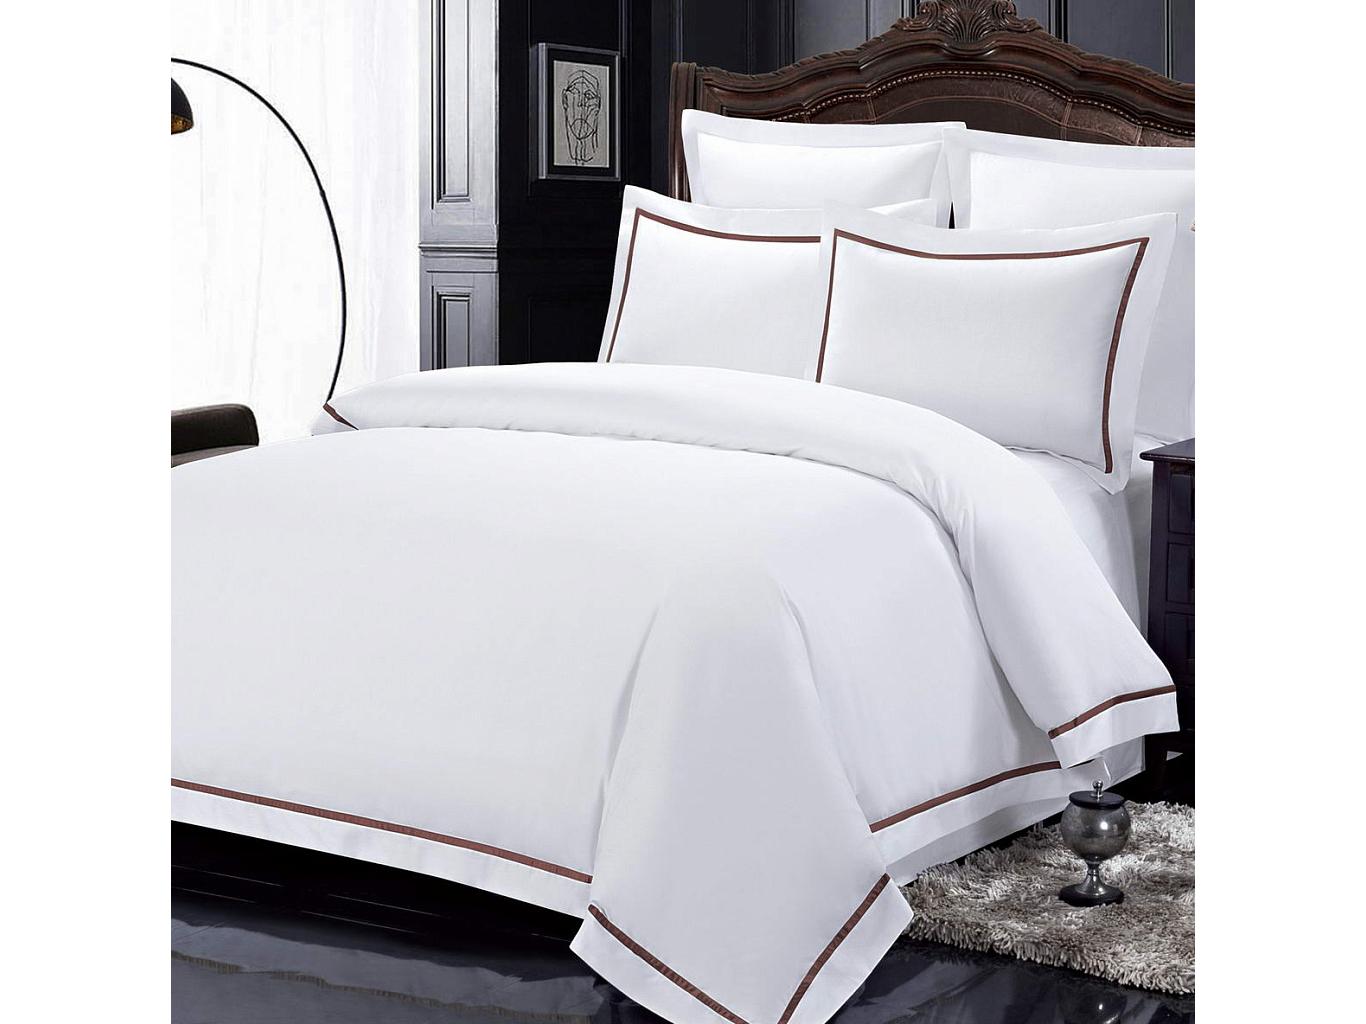 Комплект постельного белья СанремоПолутороспальные комлпекты постельного белья<br>&amp;lt;div&amp;gt;&amp;lt;div&amp;gt;Великолепный белоснежный комплект из хлопка станет настоящим украшением для Вашей спальни. Наволочки с &amp;quot;ушками&amp;quot; и декоративная тесьма,простроченная по периметру смотрятся необыкновенно стильно. Хлопковая нить сплетается определенным способом, это позволяет получить высокую плотность ткани, не теряя при этом мягкости.&amp;amp;nbsp;&amp;lt;/div&amp;gt;&amp;lt;div&amp;gt;&amp;lt;br&amp;gt;&amp;lt;/div&amp;gt;&amp;lt;div&amp;gt;Комплектация:&amp;amp;nbsp;&amp;lt;/div&amp;gt;&amp;lt;div&amp;gt;Пододеяльник: 160х220-(1 шт.);&amp;amp;nbsp;&amp;lt;/div&amp;gt;&amp;lt;div&amp;gt;Простыня: 160х230-(1 шт.);&amp;lt;/div&amp;gt;&amp;lt;div&amp;gt;Наволочки: 50х70-(2 шт.)&amp;amp;nbsp;&amp;lt;/div&amp;gt;&amp;lt;div&amp;gt;Состав: 100%хлопок&amp;lt;/div&amp;gt;&amp;lt;/div&amp;gt;<br><br>Material: Хлопок<br>Ширина см: 160.0<br>Глубина см: 230.0